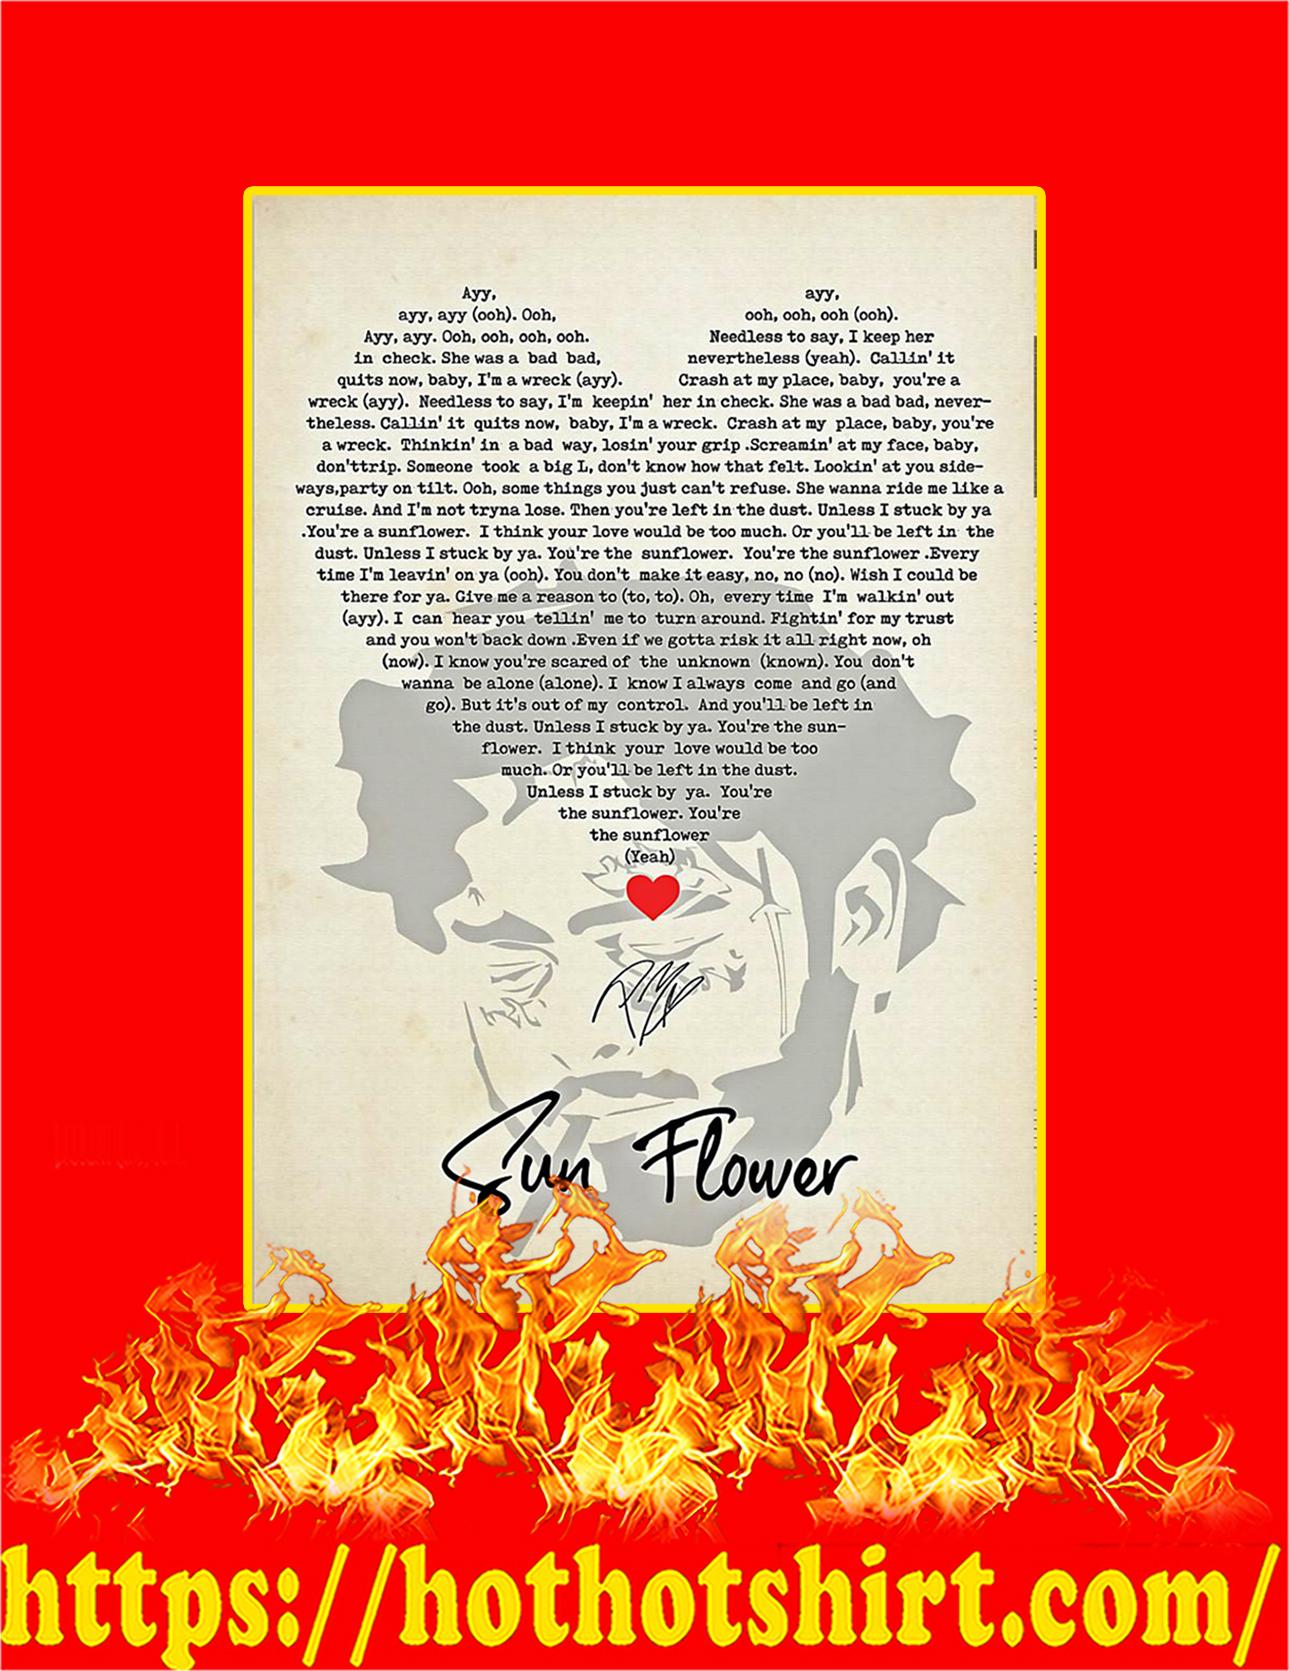 Sun Flower Signature Poster - A3